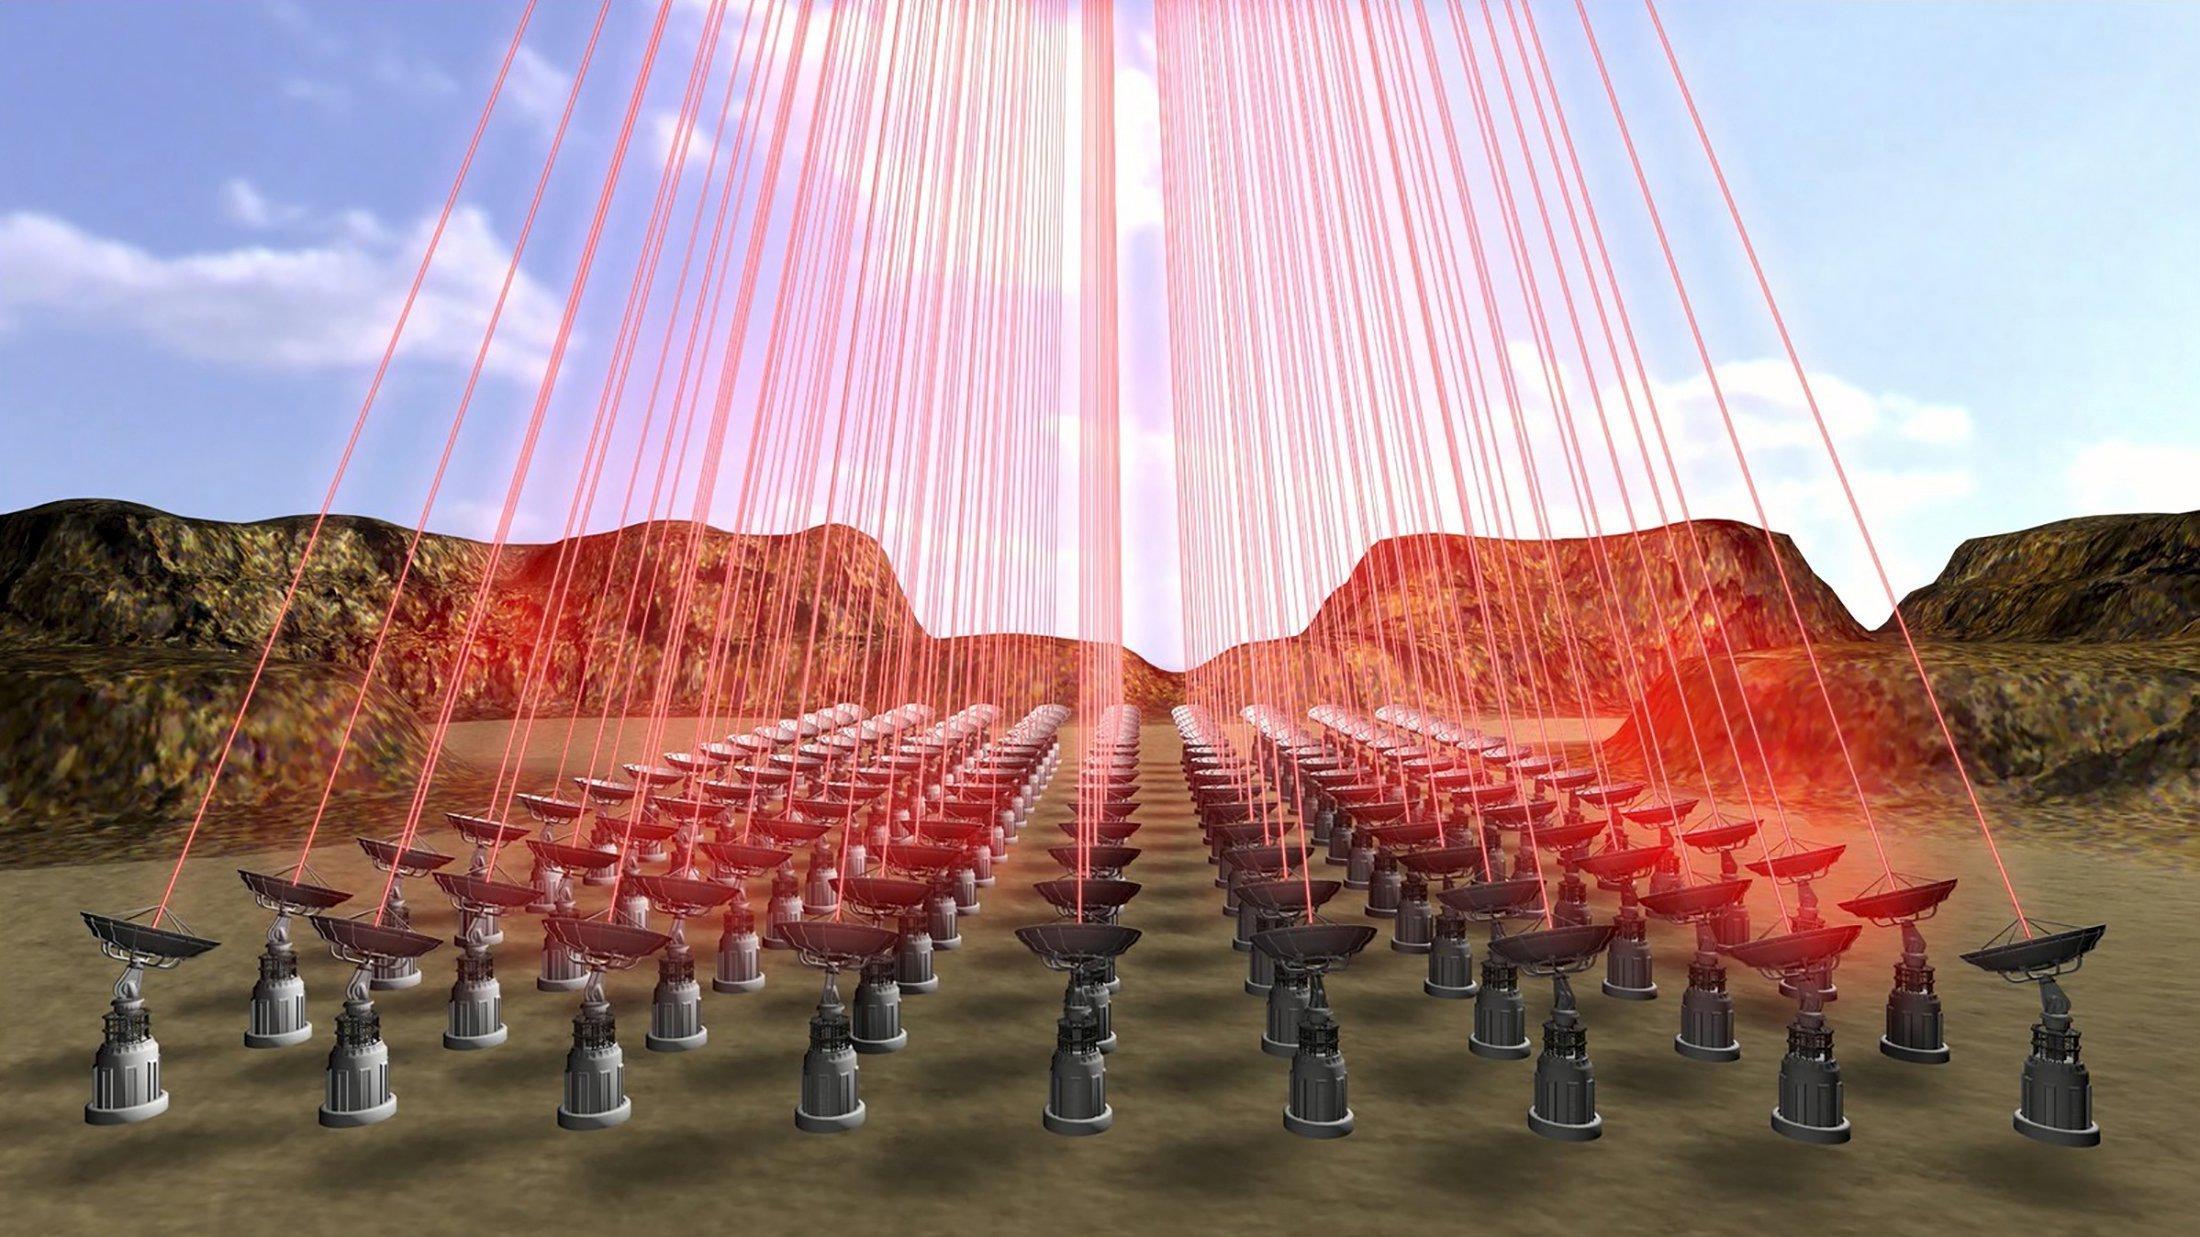 Проект Breakthrough Starshot: долетит ли зонд c Земли до системы Альфа Центавра со скоростью в 20% световой? - 2